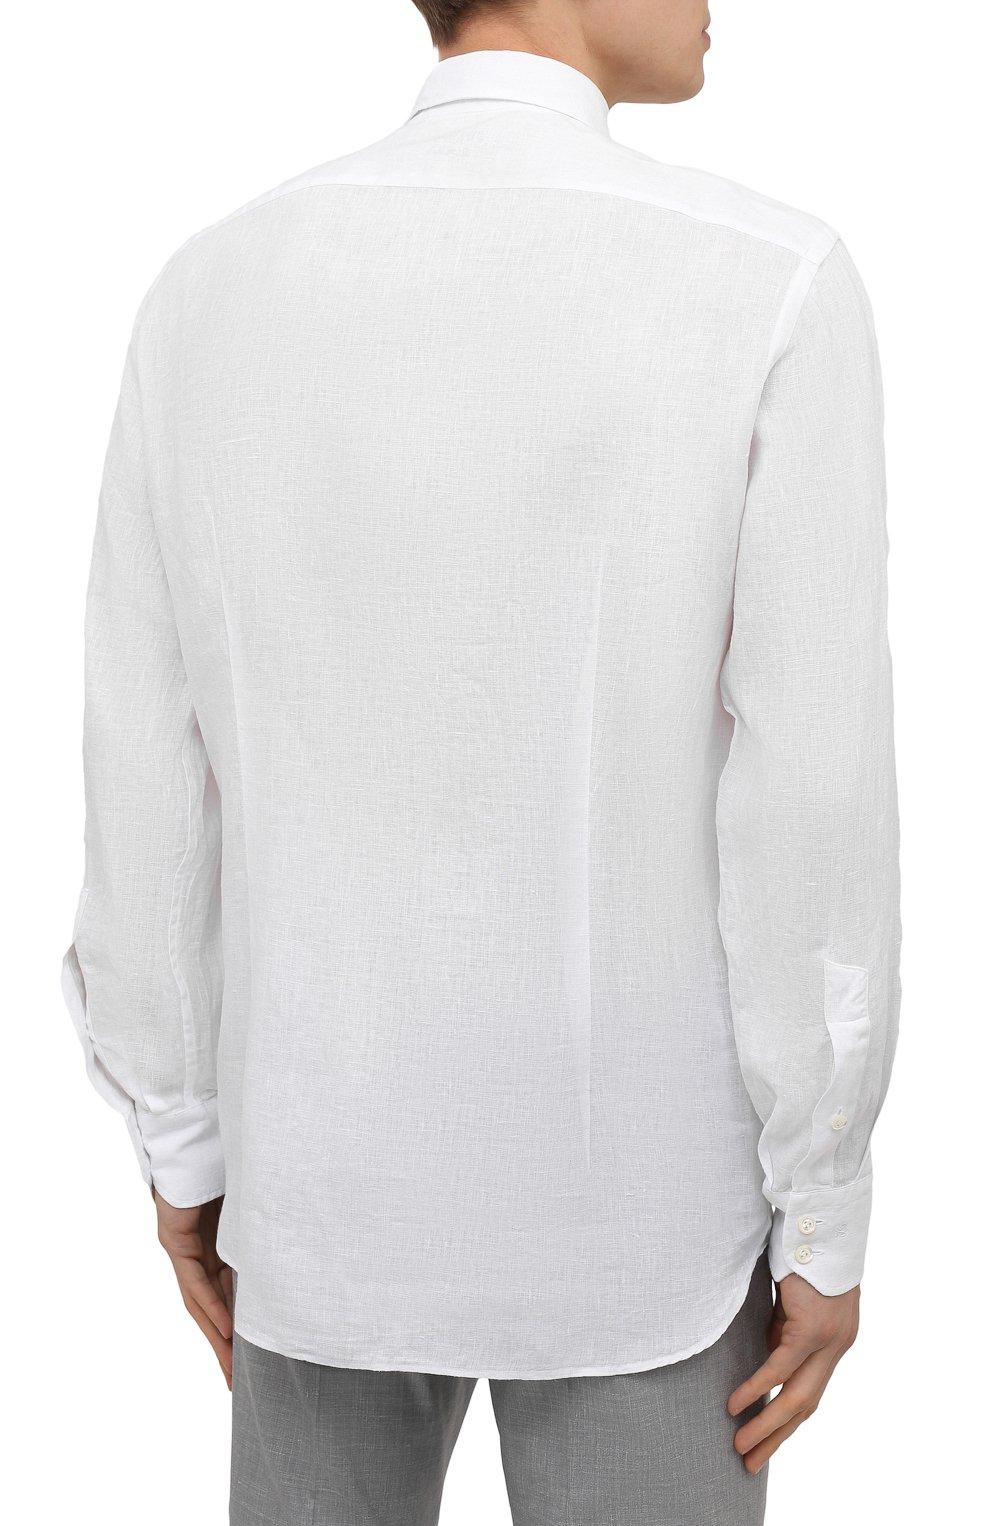 Мужская льняная рубашка VAN LAACK белого цвета, арт. RADIL-TFW/155970   Фото 4 (Манжеты: На пуговицах; Воротник: Button down; Рукава: Длинные; Рубашки М: Regular Fit; Случай: Повседневный; Длина (для топов): Стандартные; Материал внешний: Лен; Принт: Однотонные; Стили: Кэжуэл)